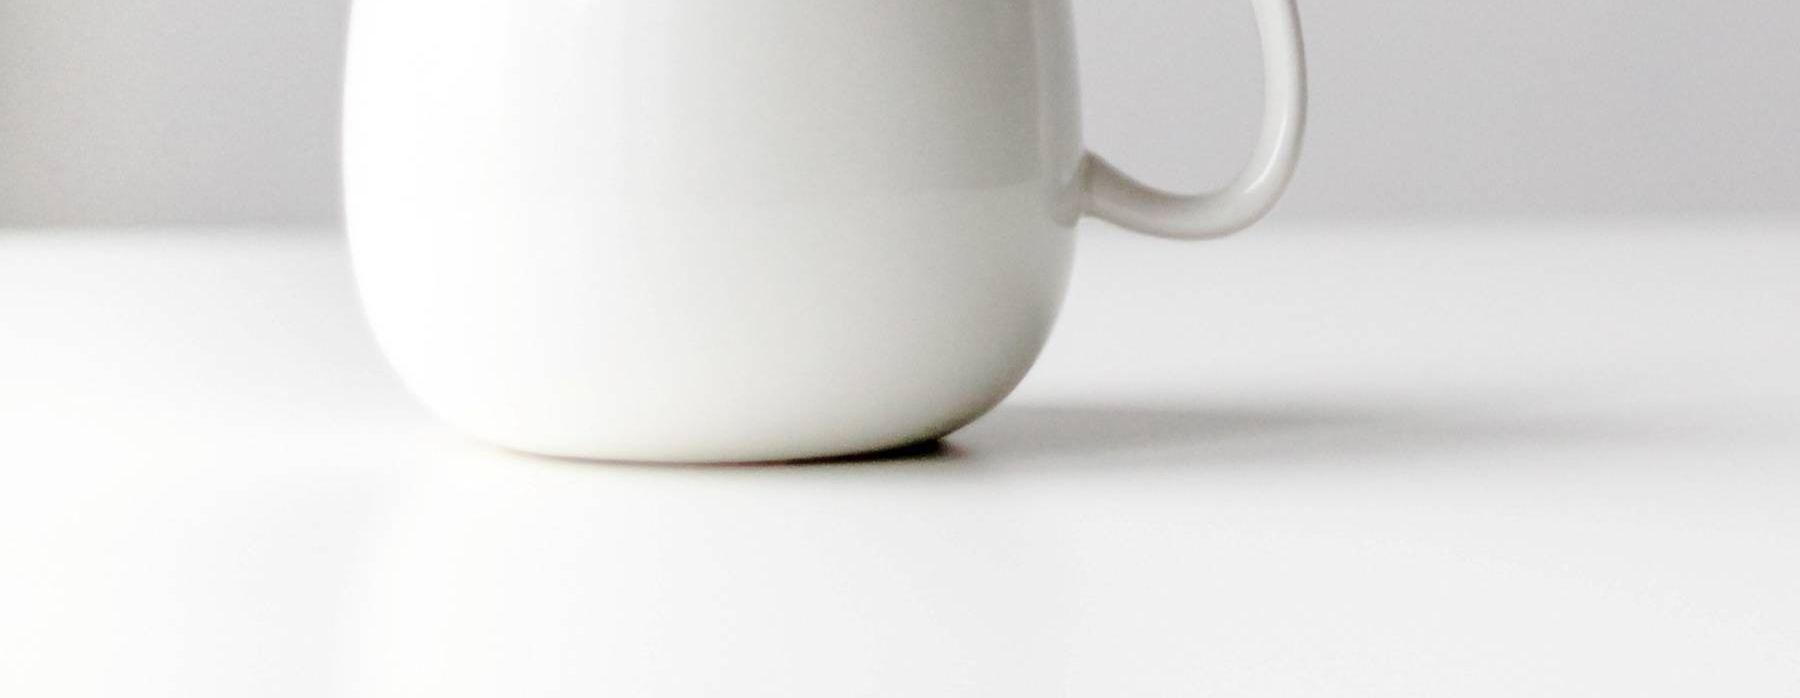 12 efectivos remedios caseros para eliminar llagas en la boca - Featured image